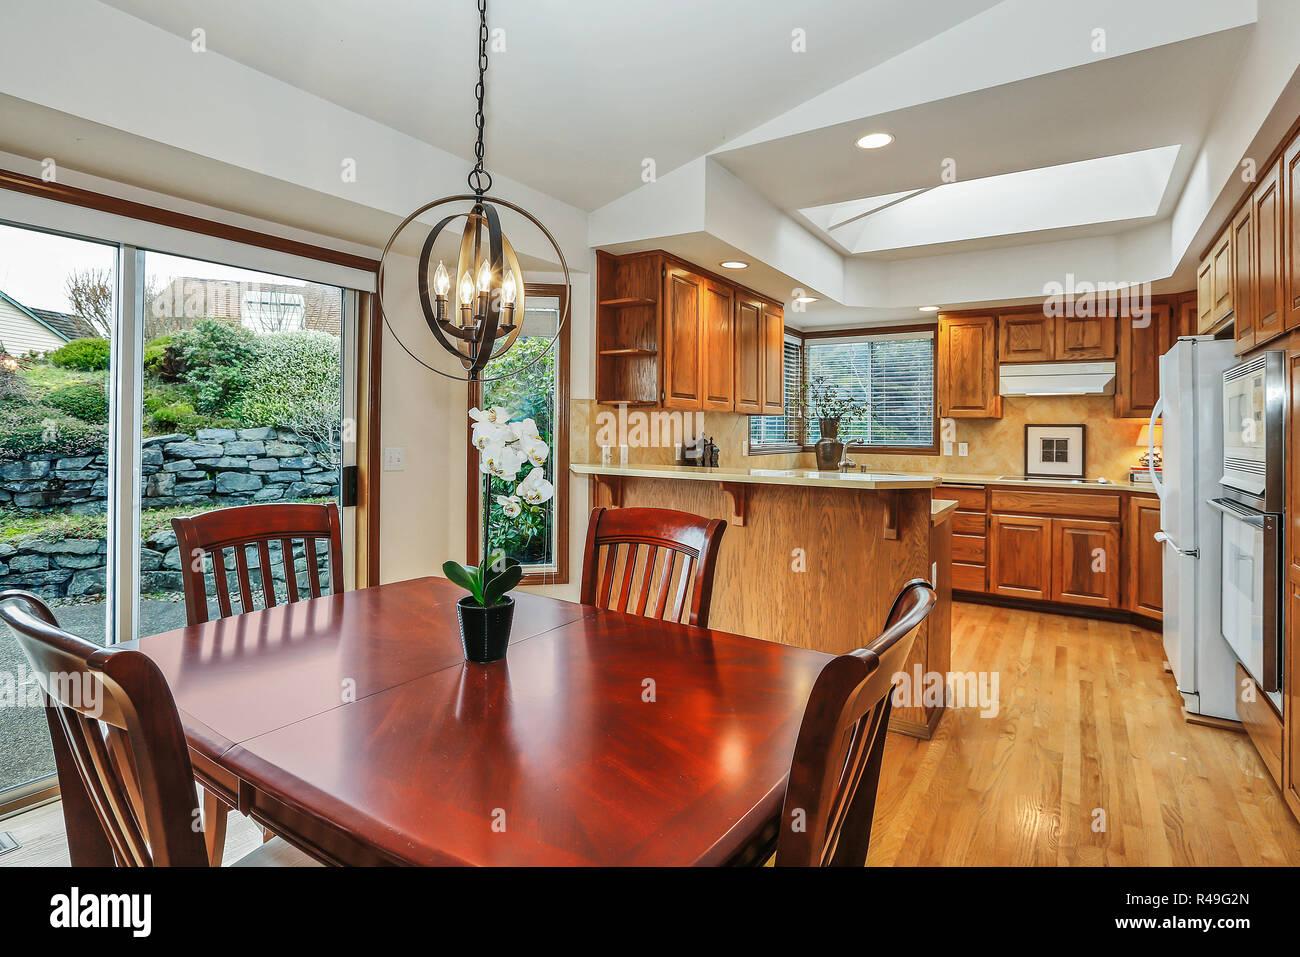 Tavoli Da Pranzo Grandi Dimensioni.Cucina Sala Interna In Casa Americana Con Legno Di Ciliegio Tavolo